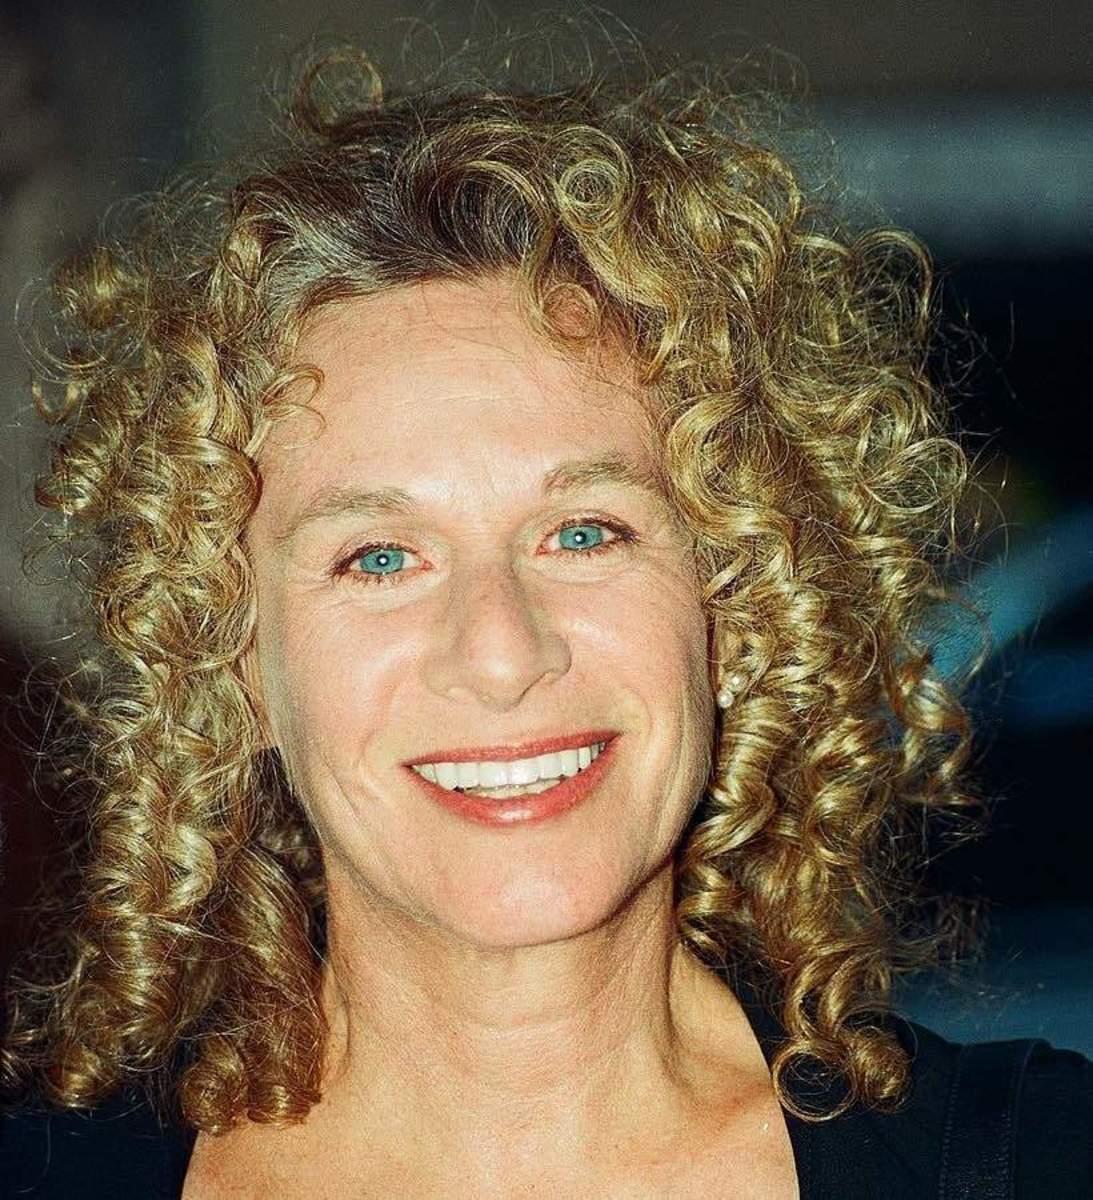 Carole King in 2002